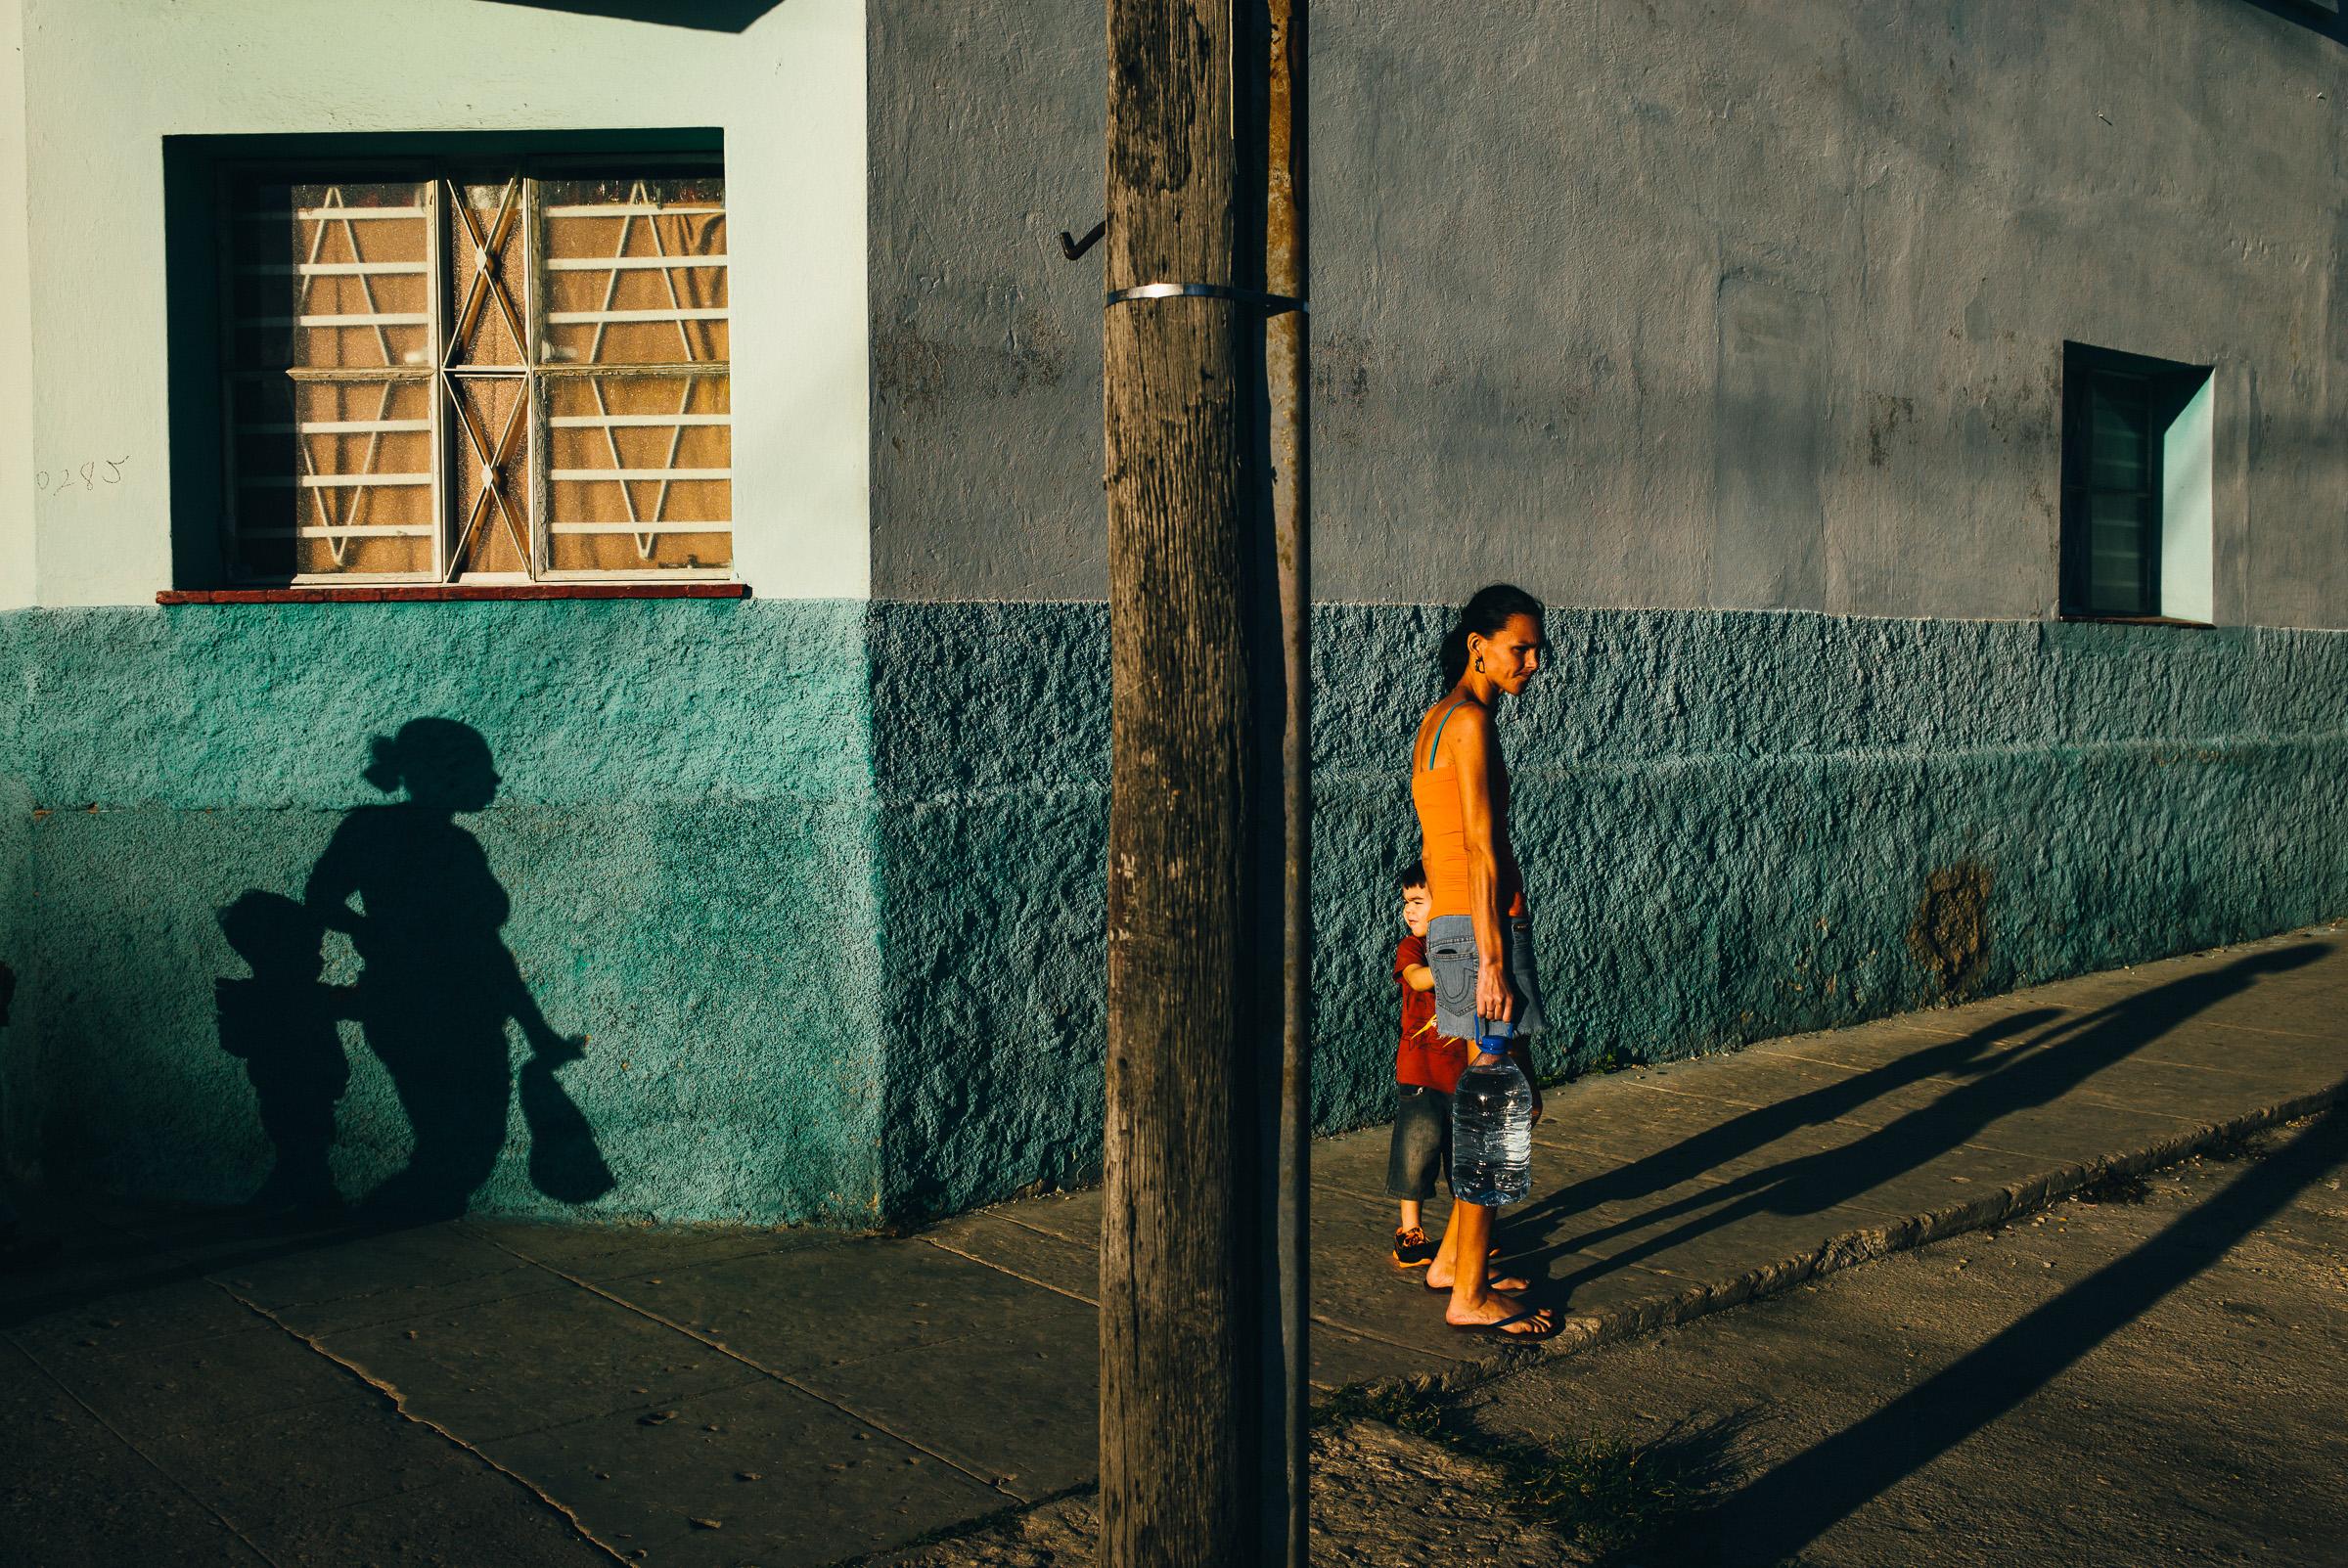 brandon_patoc_travel_photographer_in_havana_cuba_0016.jpg